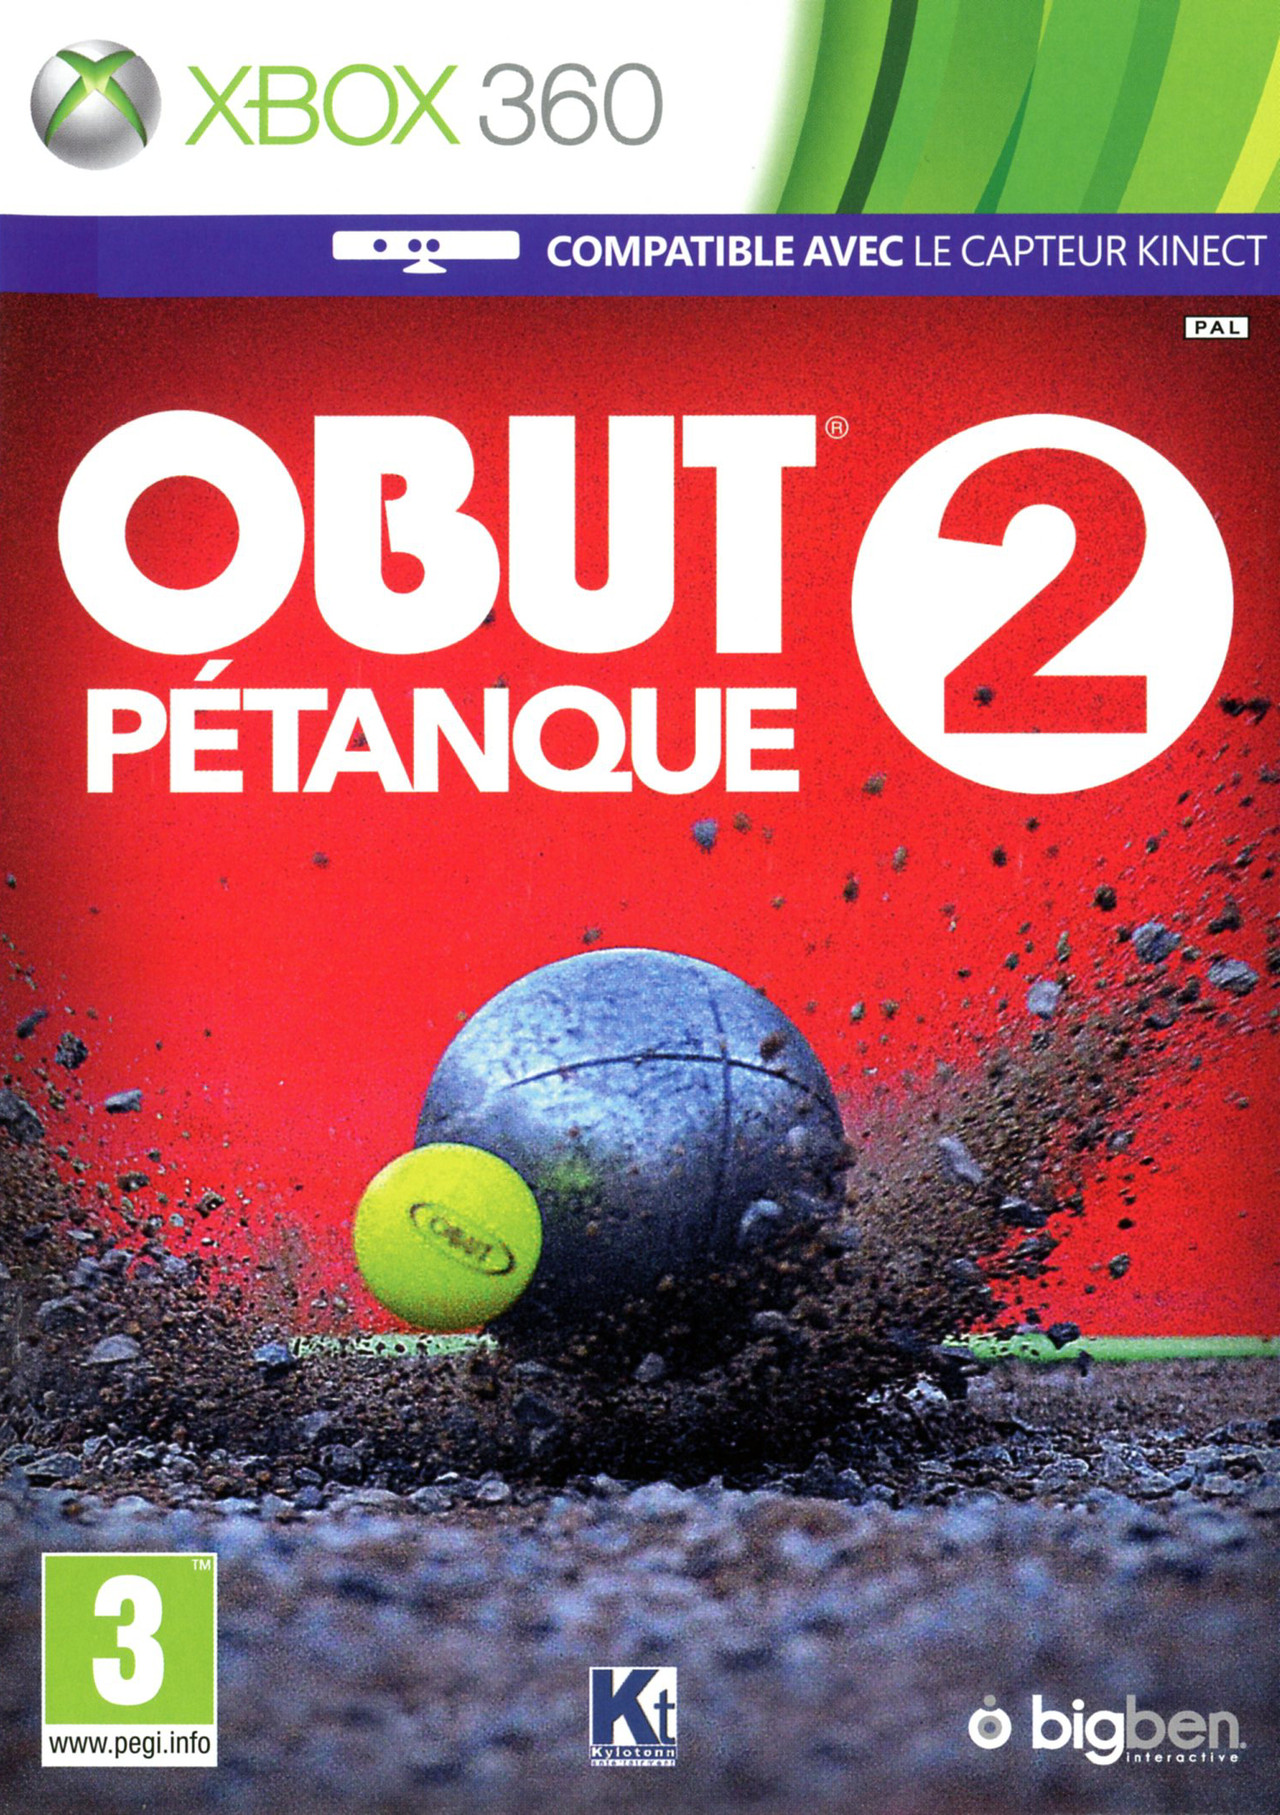 Obut Petanque 2 PAL XBOX360 [MULTI]